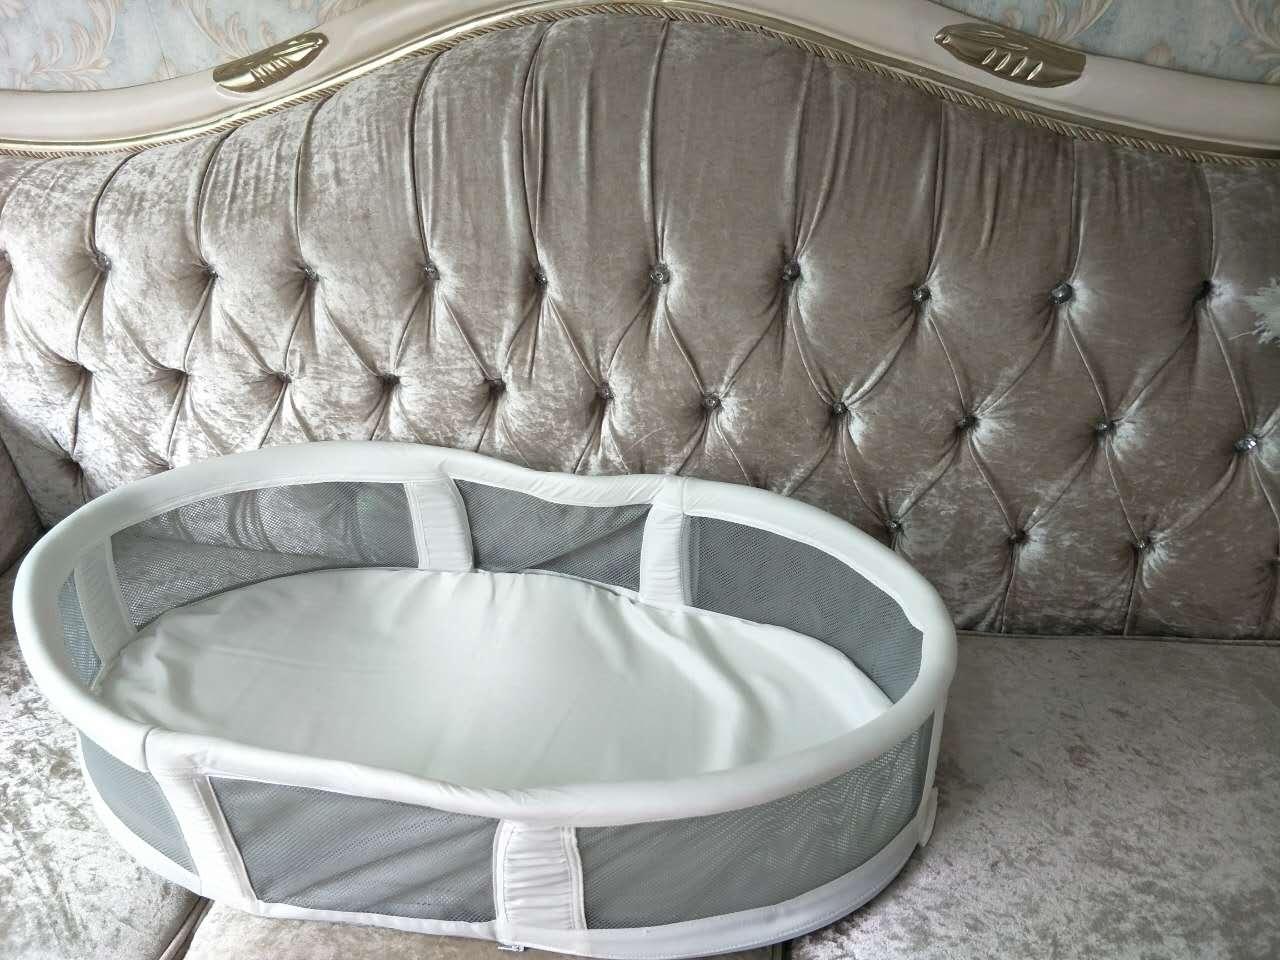 新品特価ベビーベッドベッド中床bb新生児携帯型の小さいベッド折りたたみ寝かごの多機能の旅行の宝